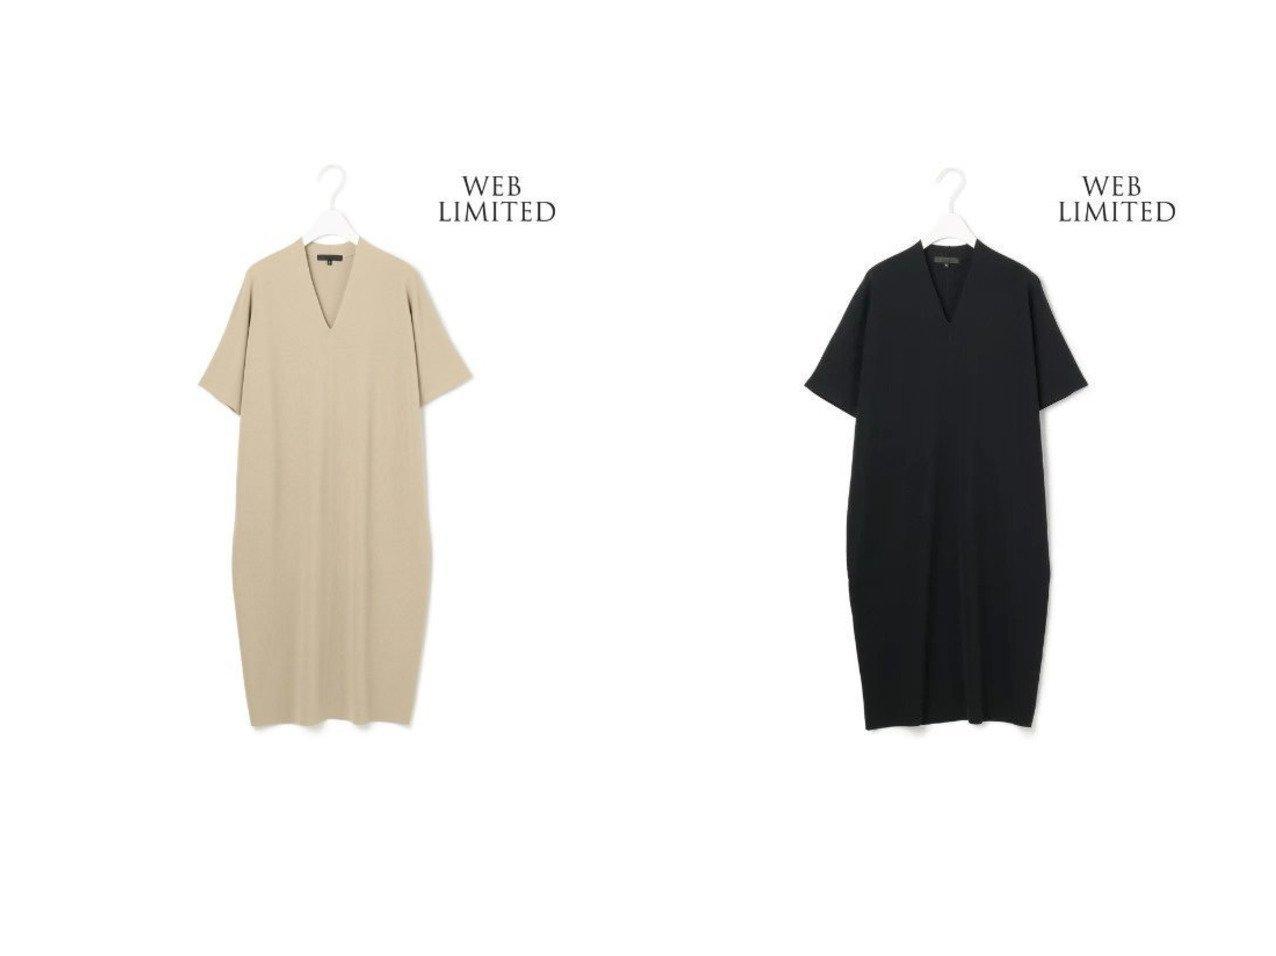 【iCB/アイシービー】の【WEB限定】 Synthetic FullNeedle ワンピース iCBのおすすめ!人気、トレンド・レディースファッションの通販  おすすめで人気の流行・トレンド、ファッションの通販商品 メンズファッション・キッズファッション・インテリア・家具・レディースファッション・服の通販 founy(ファニー) https://founy.com/ ファッション Fashion レディースファッション WOMEN ワンピース Dress ニットワンピース Knit Dresses 2021年 2021 2021 春夏 S/S SS Spring/Summer 2021 S/S 春夏 SS Spring/Summer シンプル ジャケット ストレッチ ベーシック リラックス 定番 Standard 春 Spring |ID:crp329100000022115